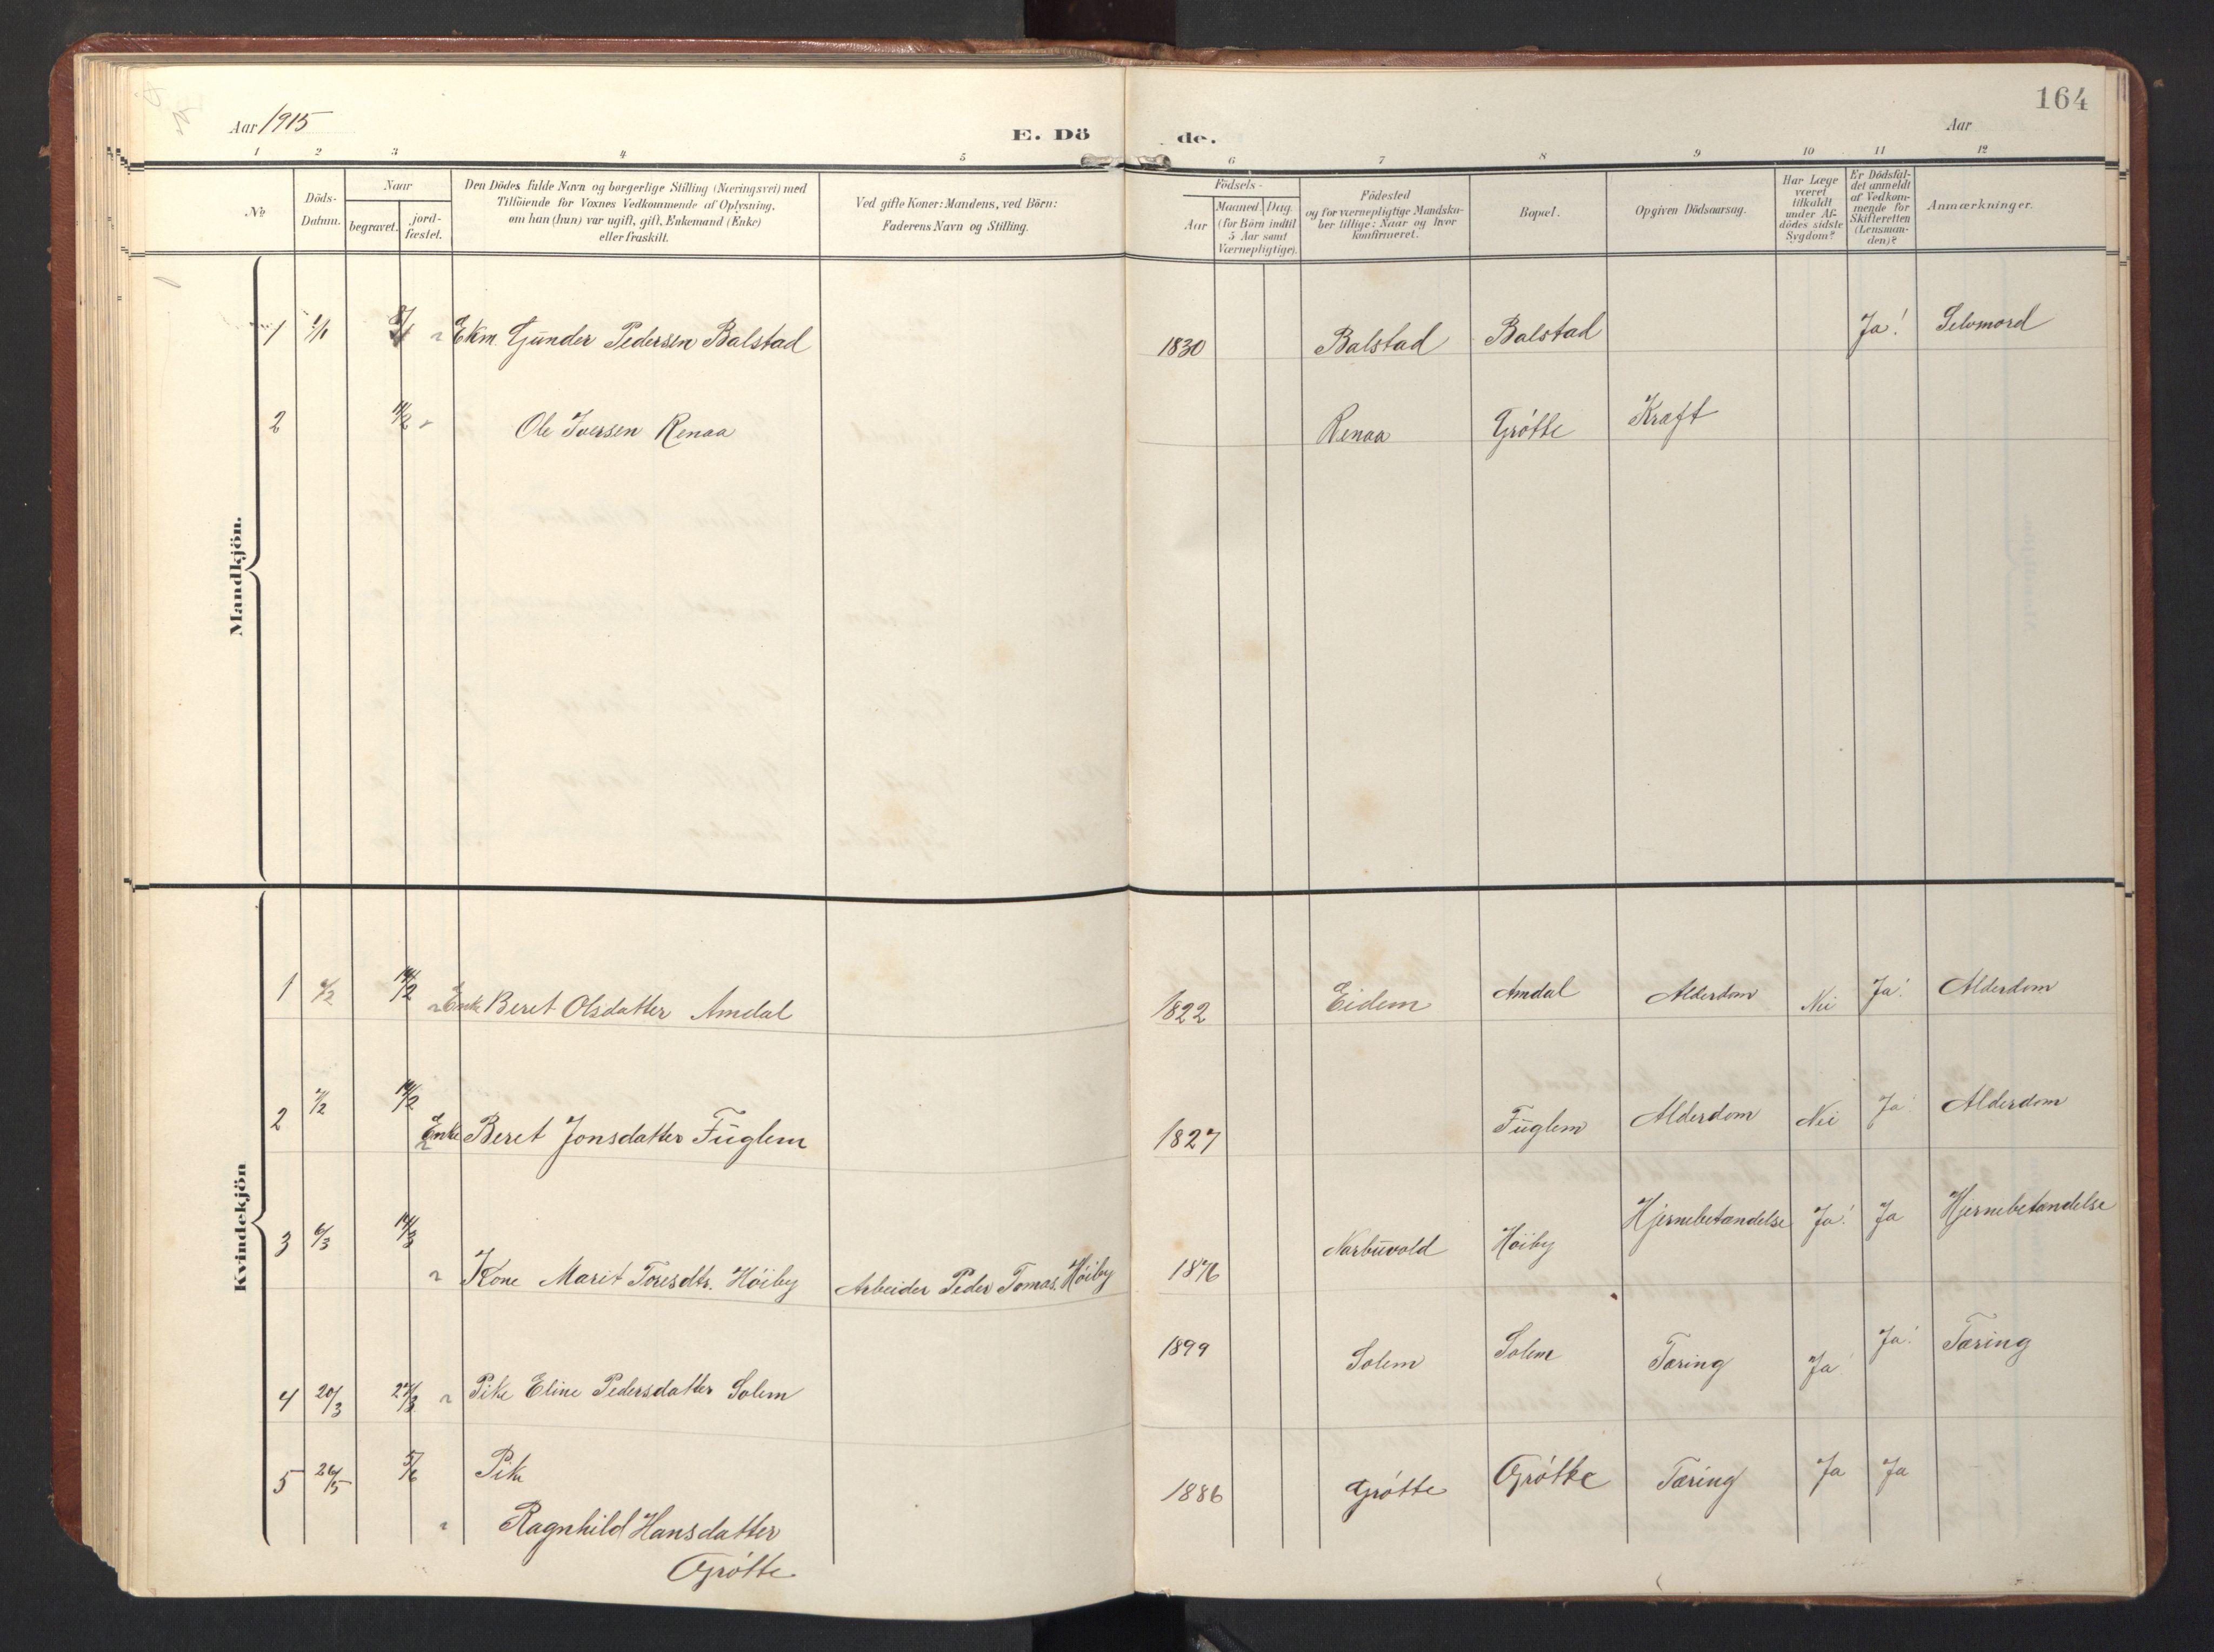 SAT, Ministerialprotokoller, klokkerbøker og fødselsregistre - Sør-Trøndelag, 696/L1161: Klokkerbok nr. 696C01, 1902-1950, s. 164